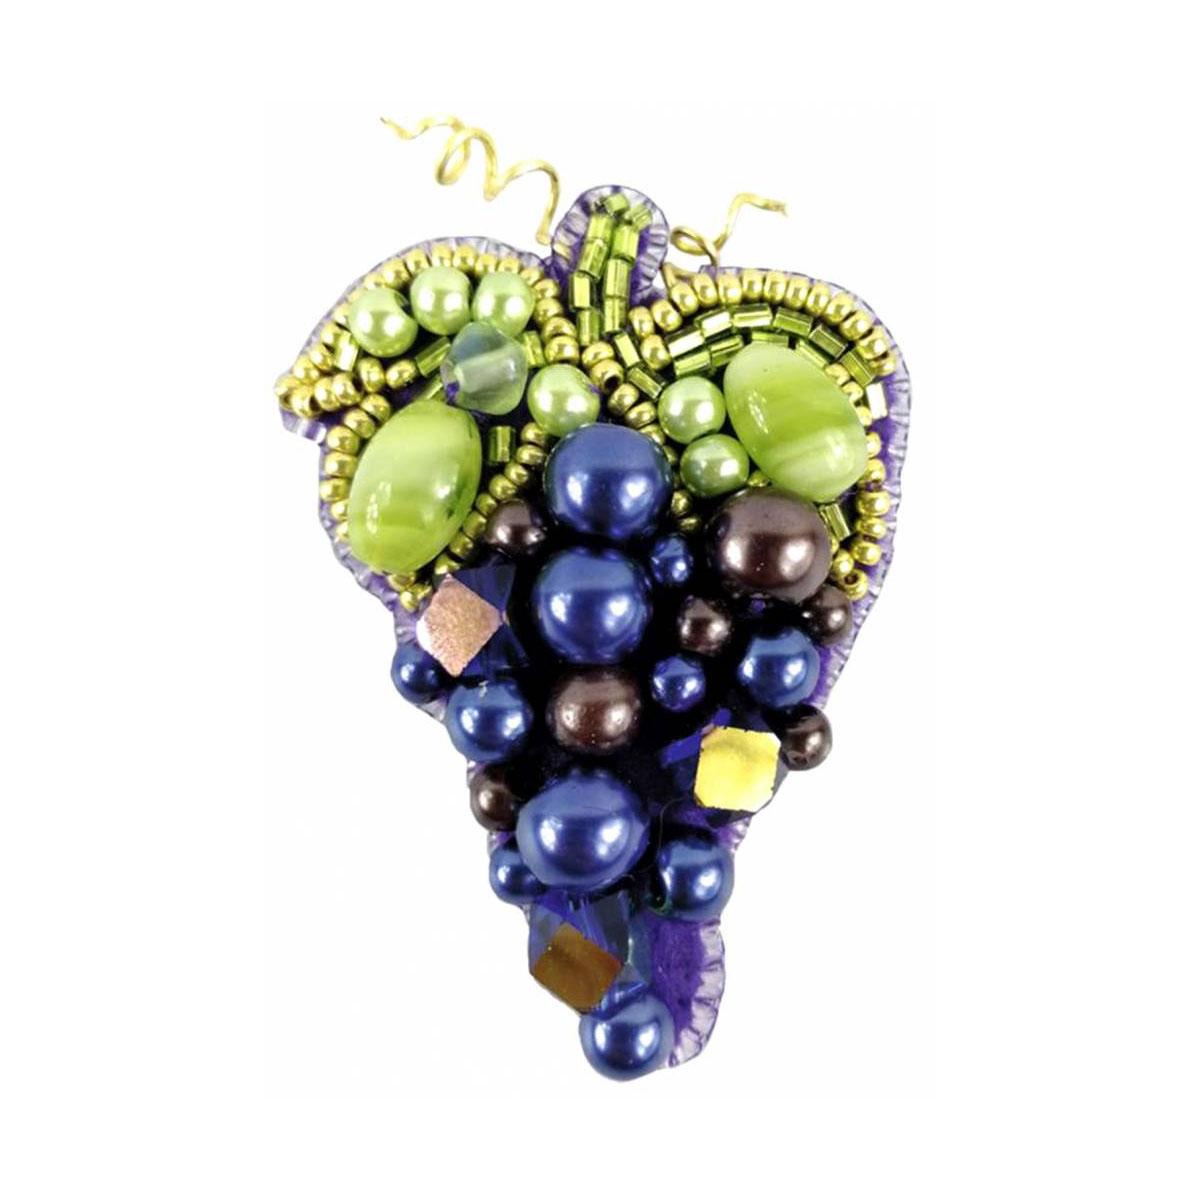 БП255 Набор для изготовления броши 'Виноград' брошь 4,5*6,5см.